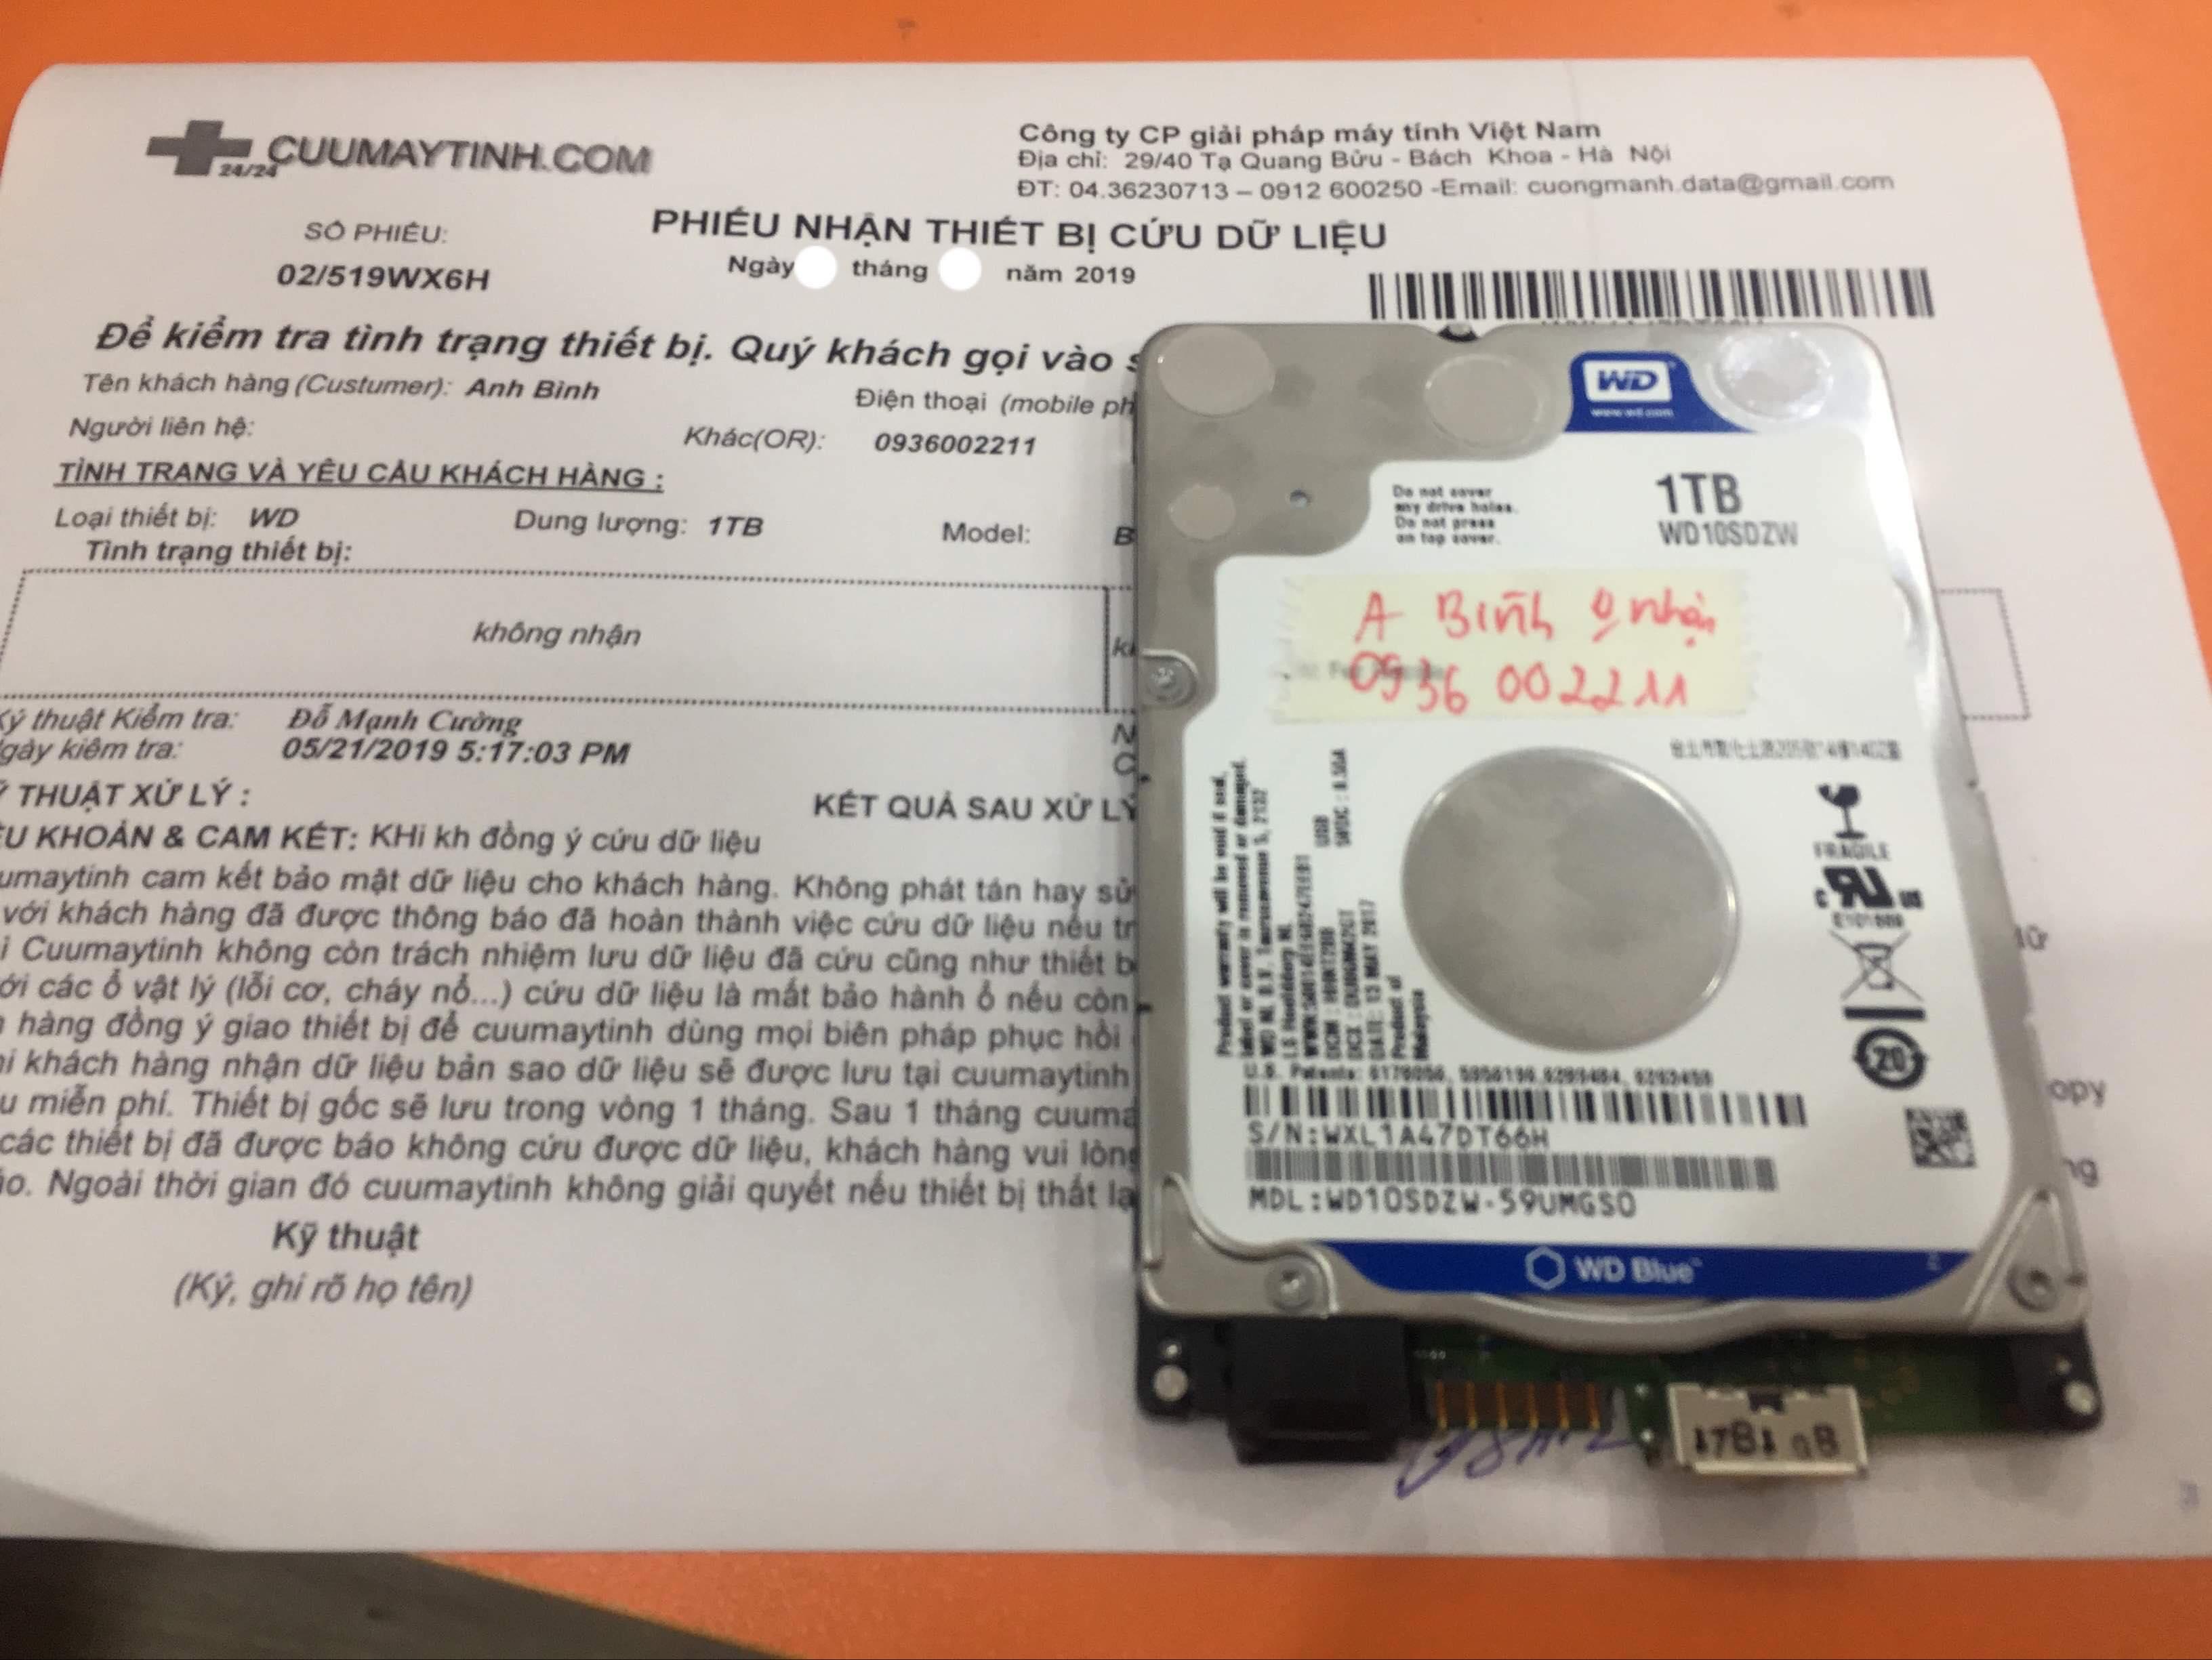 Phục hồi dữ liệu ổ cứng Western 1TB không nhận 05/07/2019 - cuumaytinh